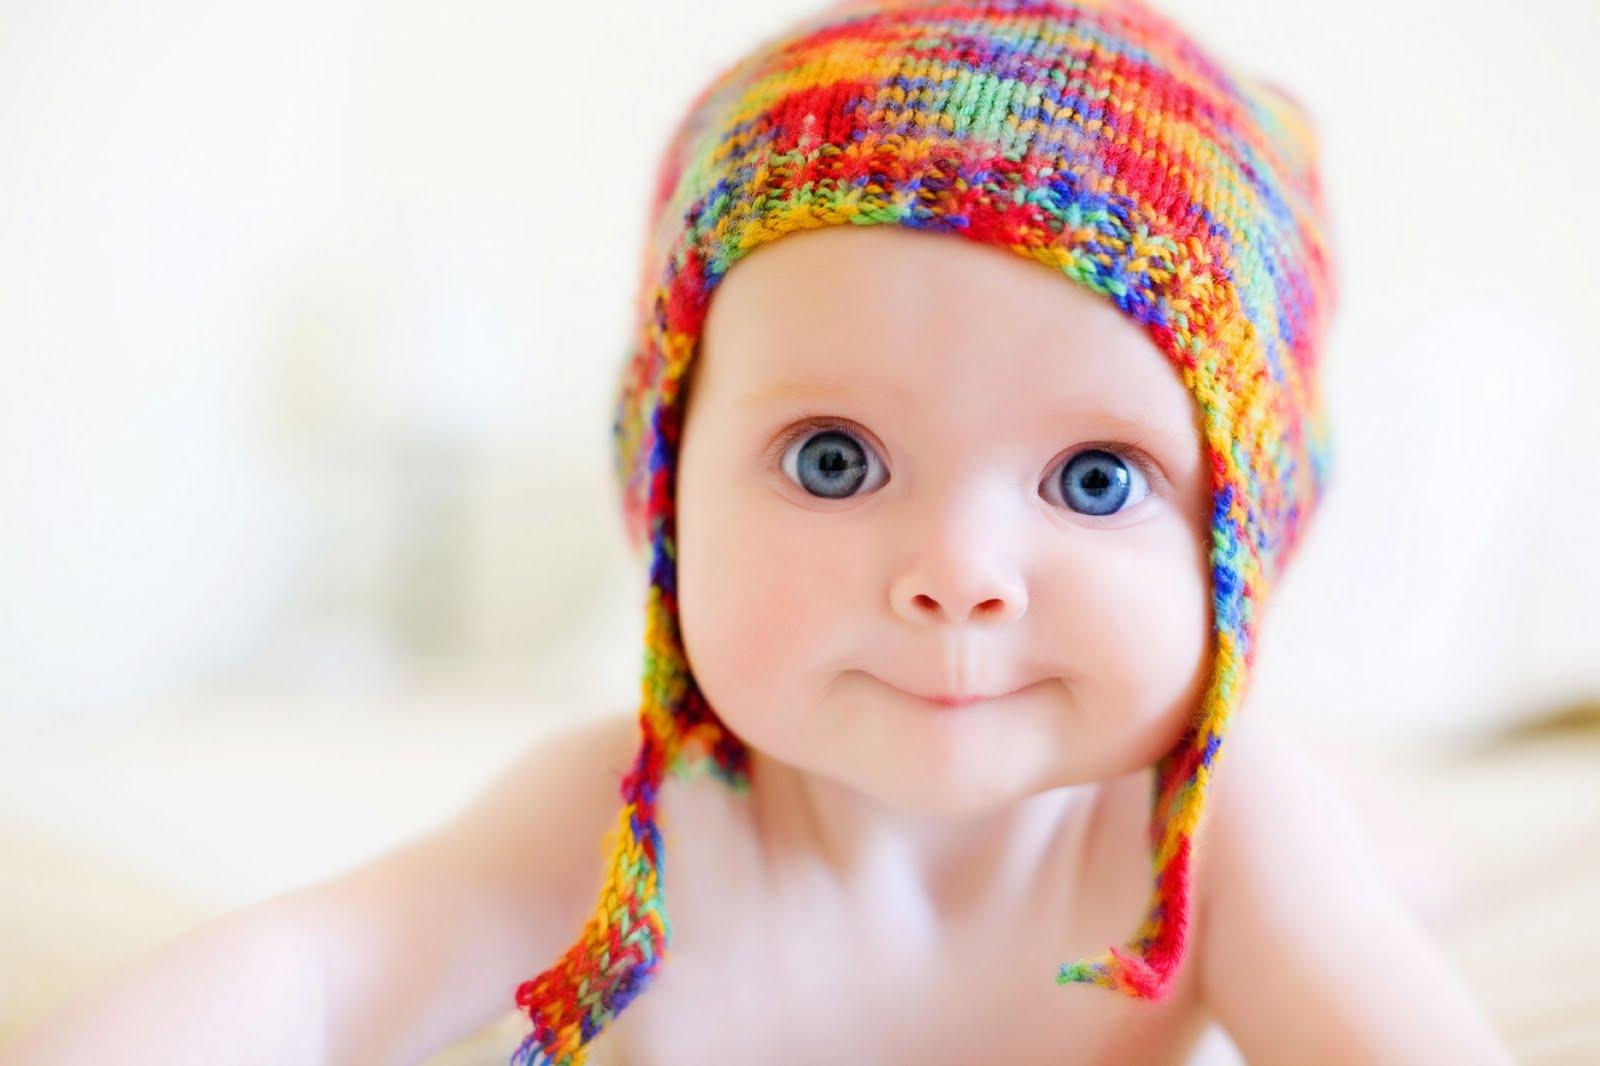 Избавиться от колик у новорождённого поможет грелка